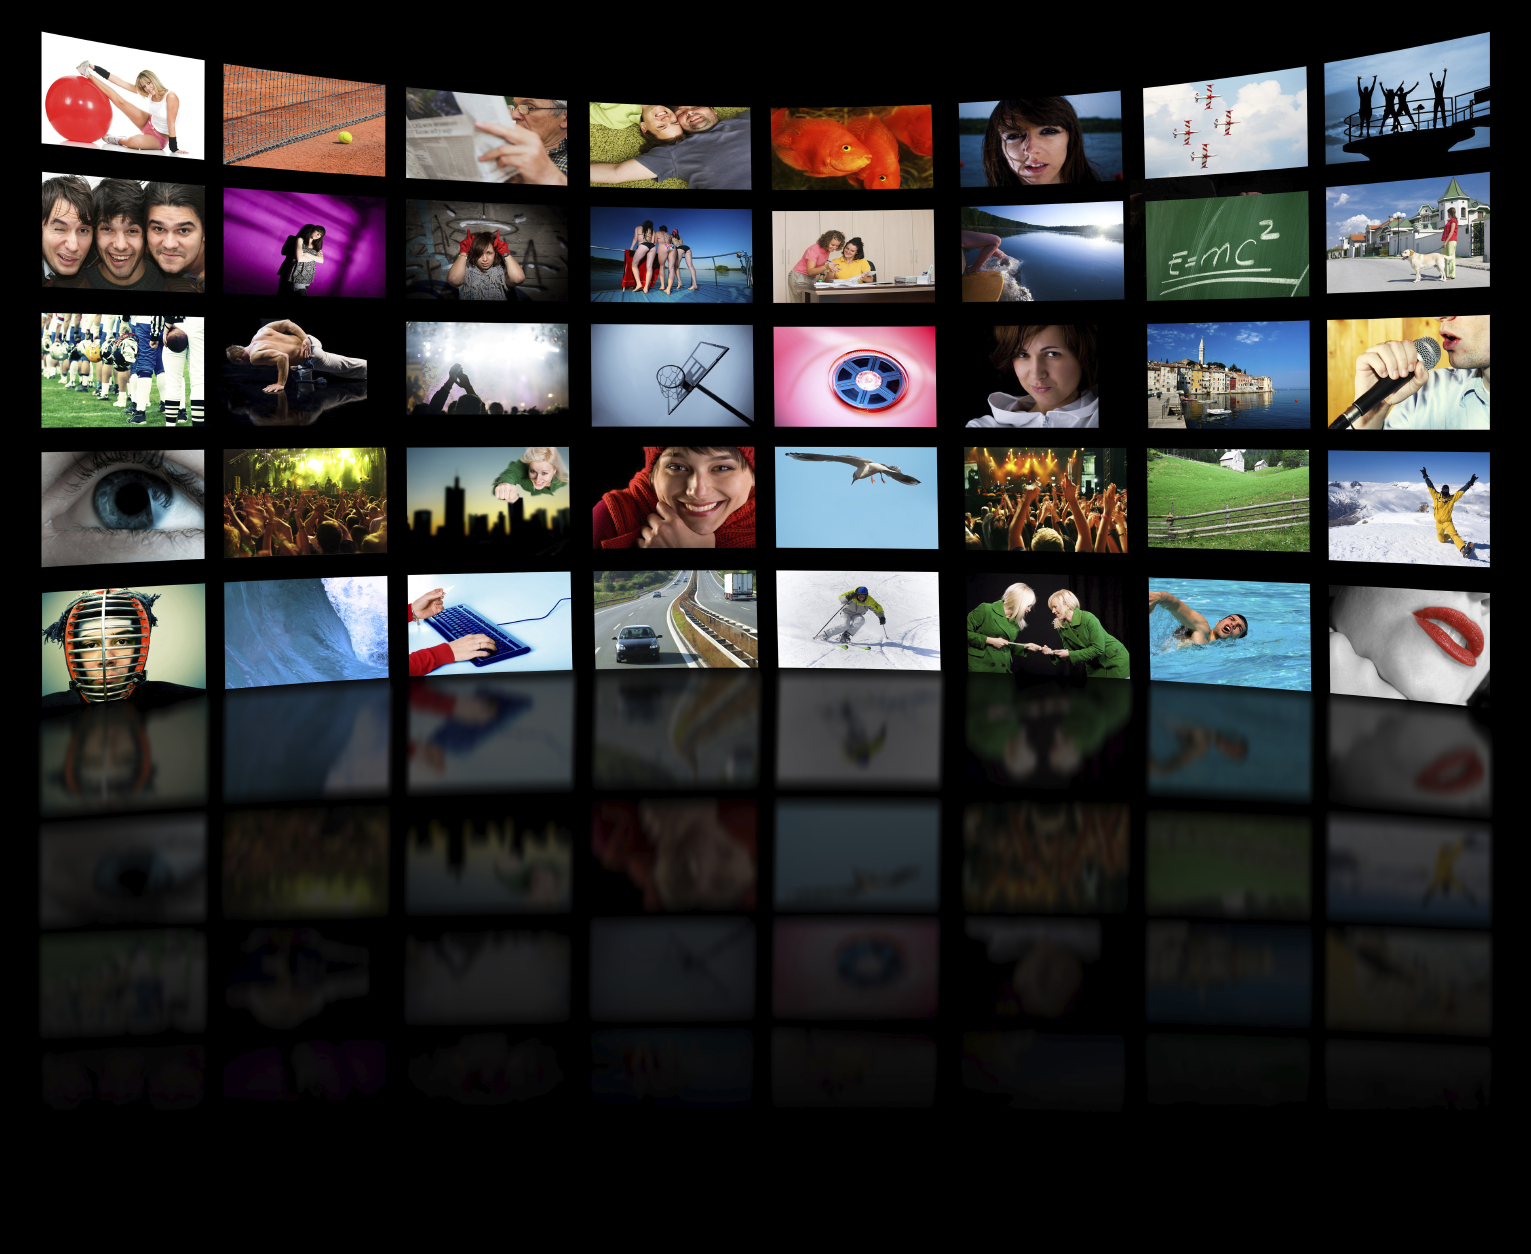 Tv programma 39 s tv media partners for Programma tv ristrutturazione casa